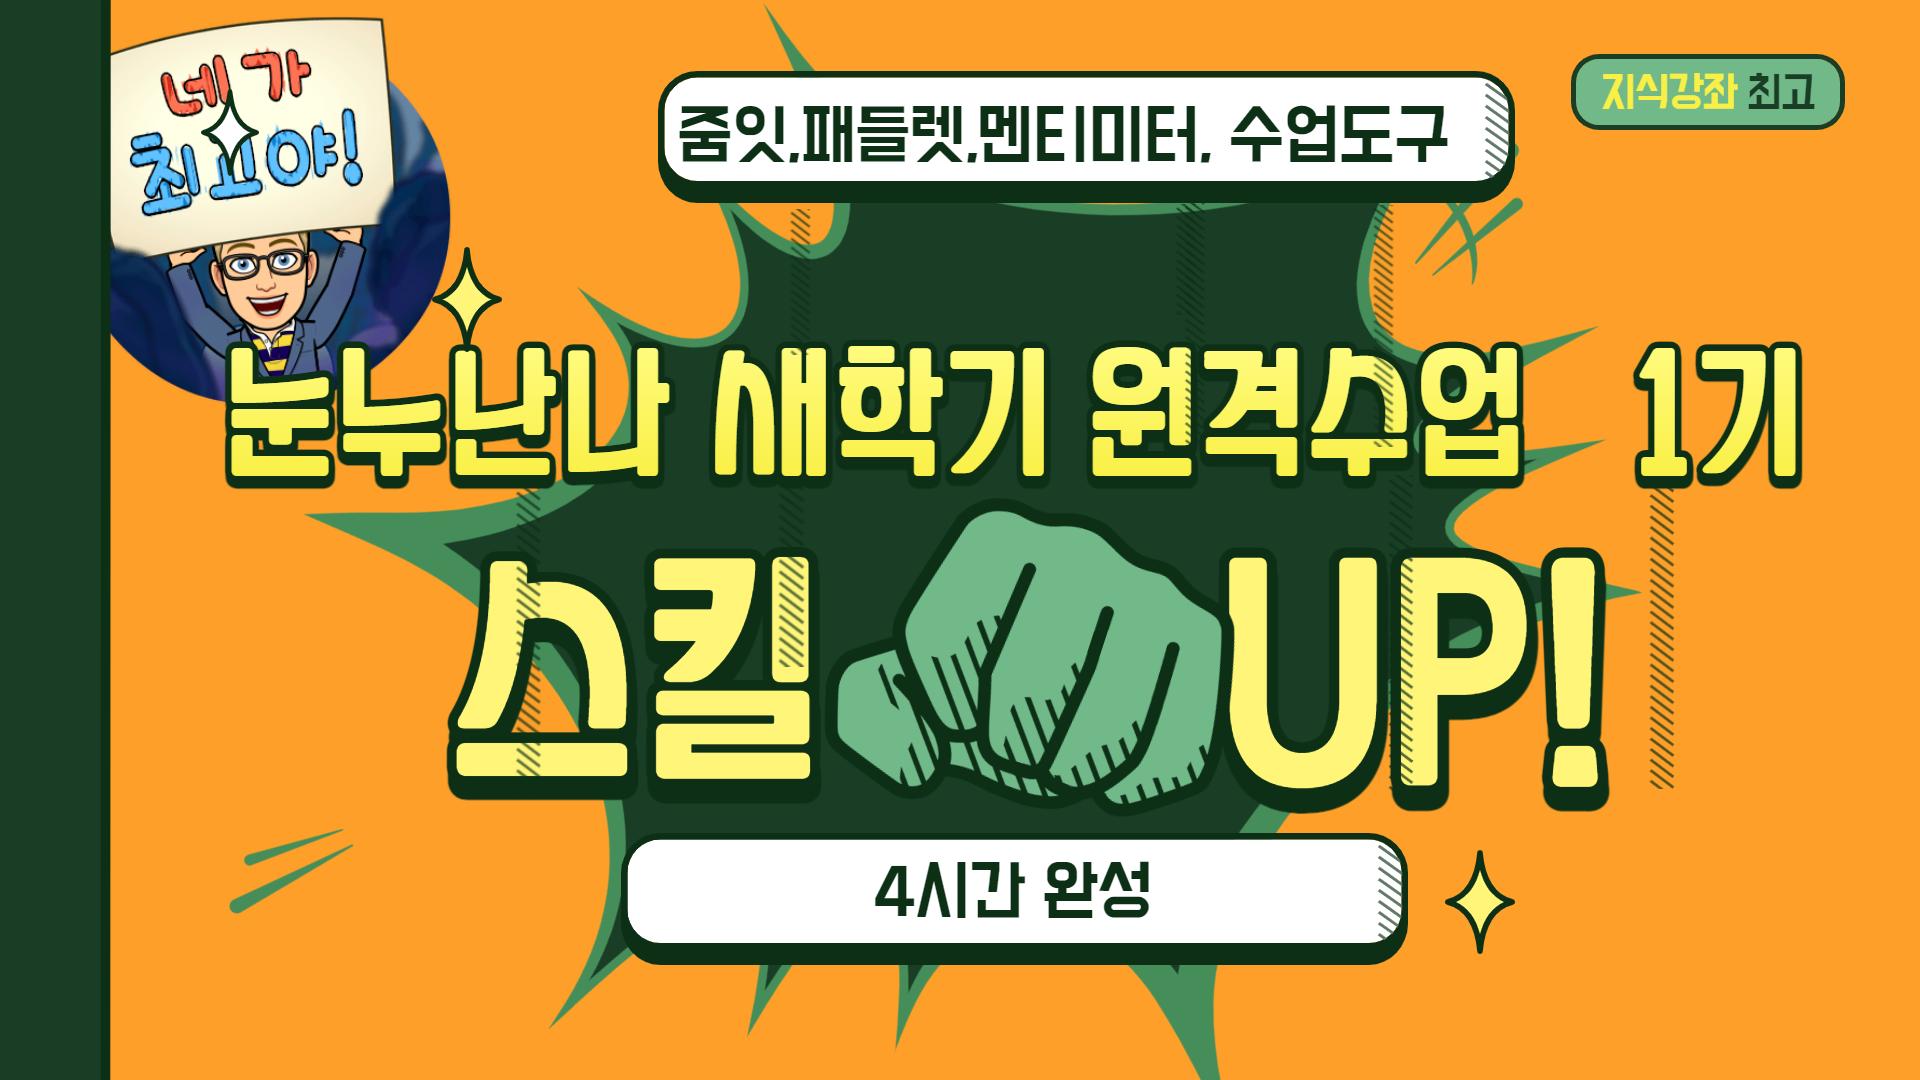 눈누난나! 새학기 원격수업 스킬UP!(시즌3 1기)